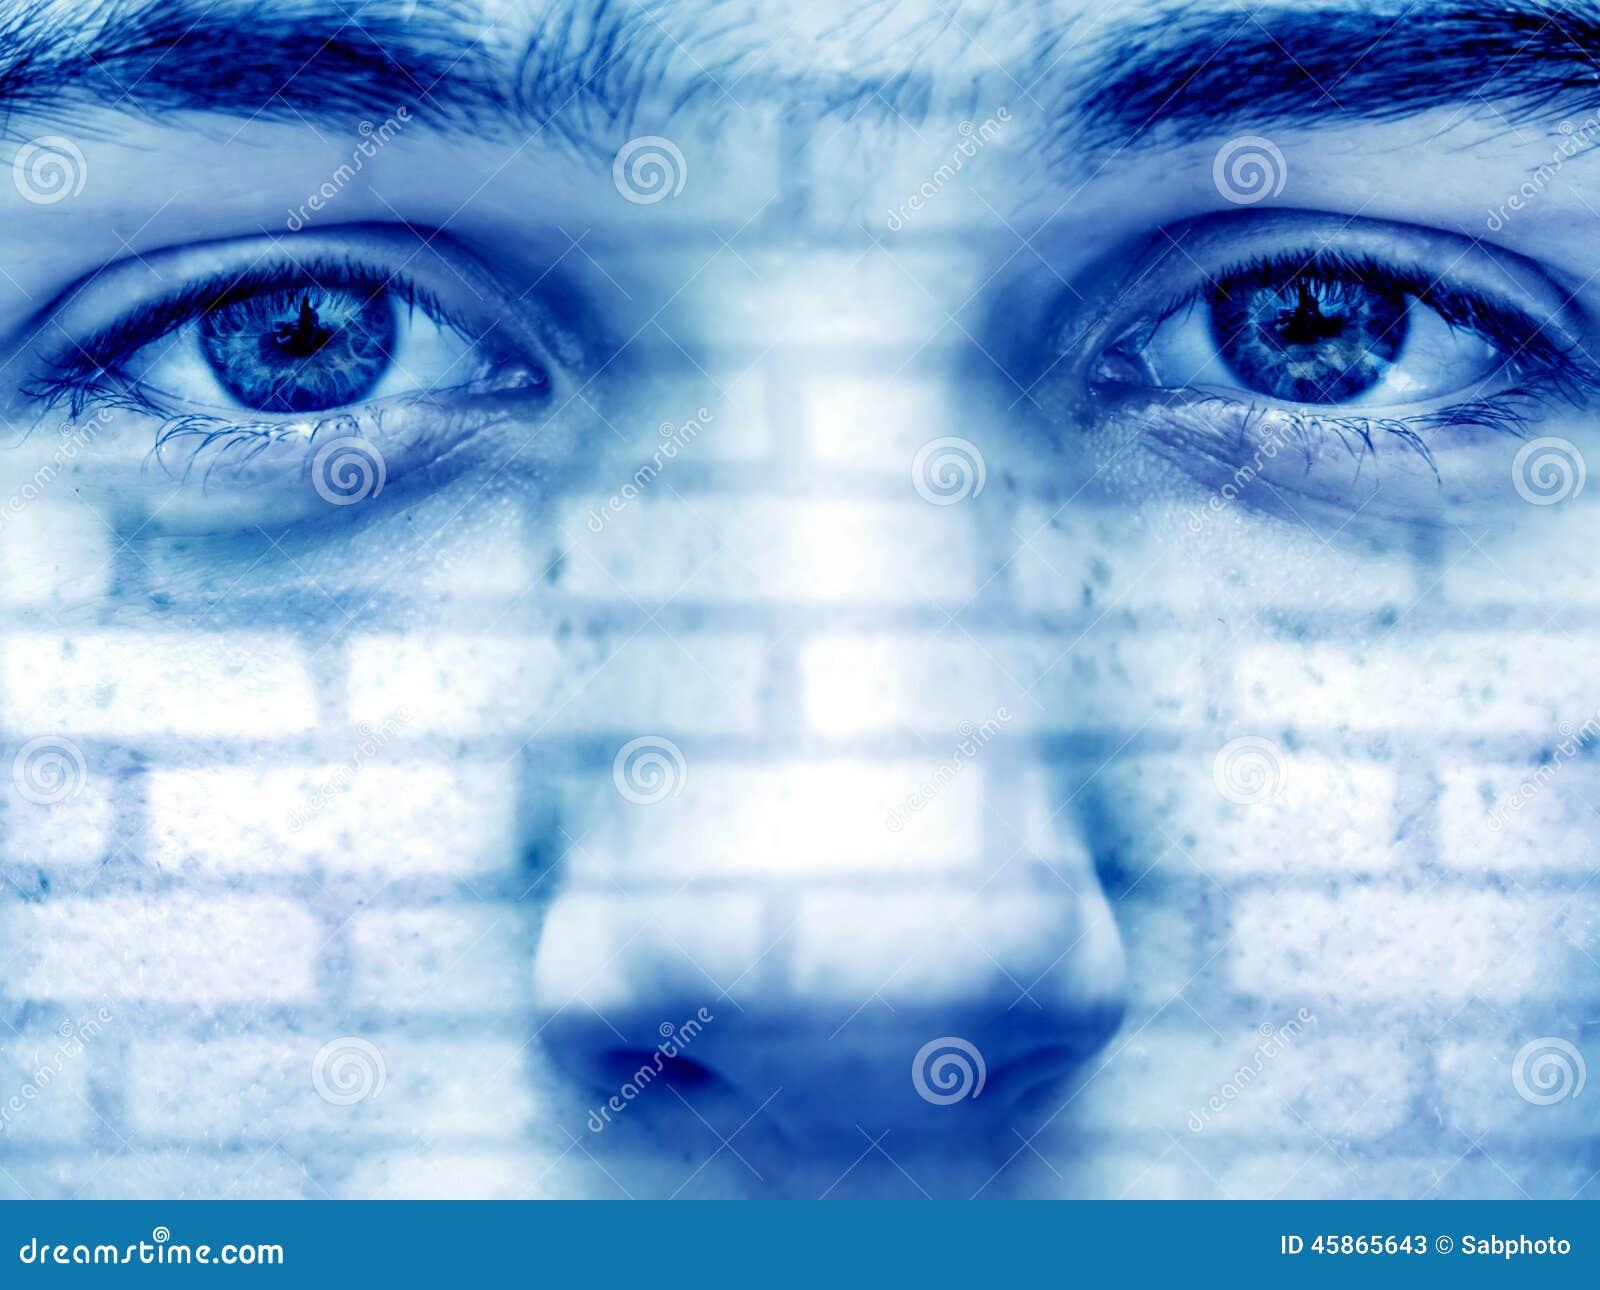 Les briques donnent une consistance rugueuse sur le visage